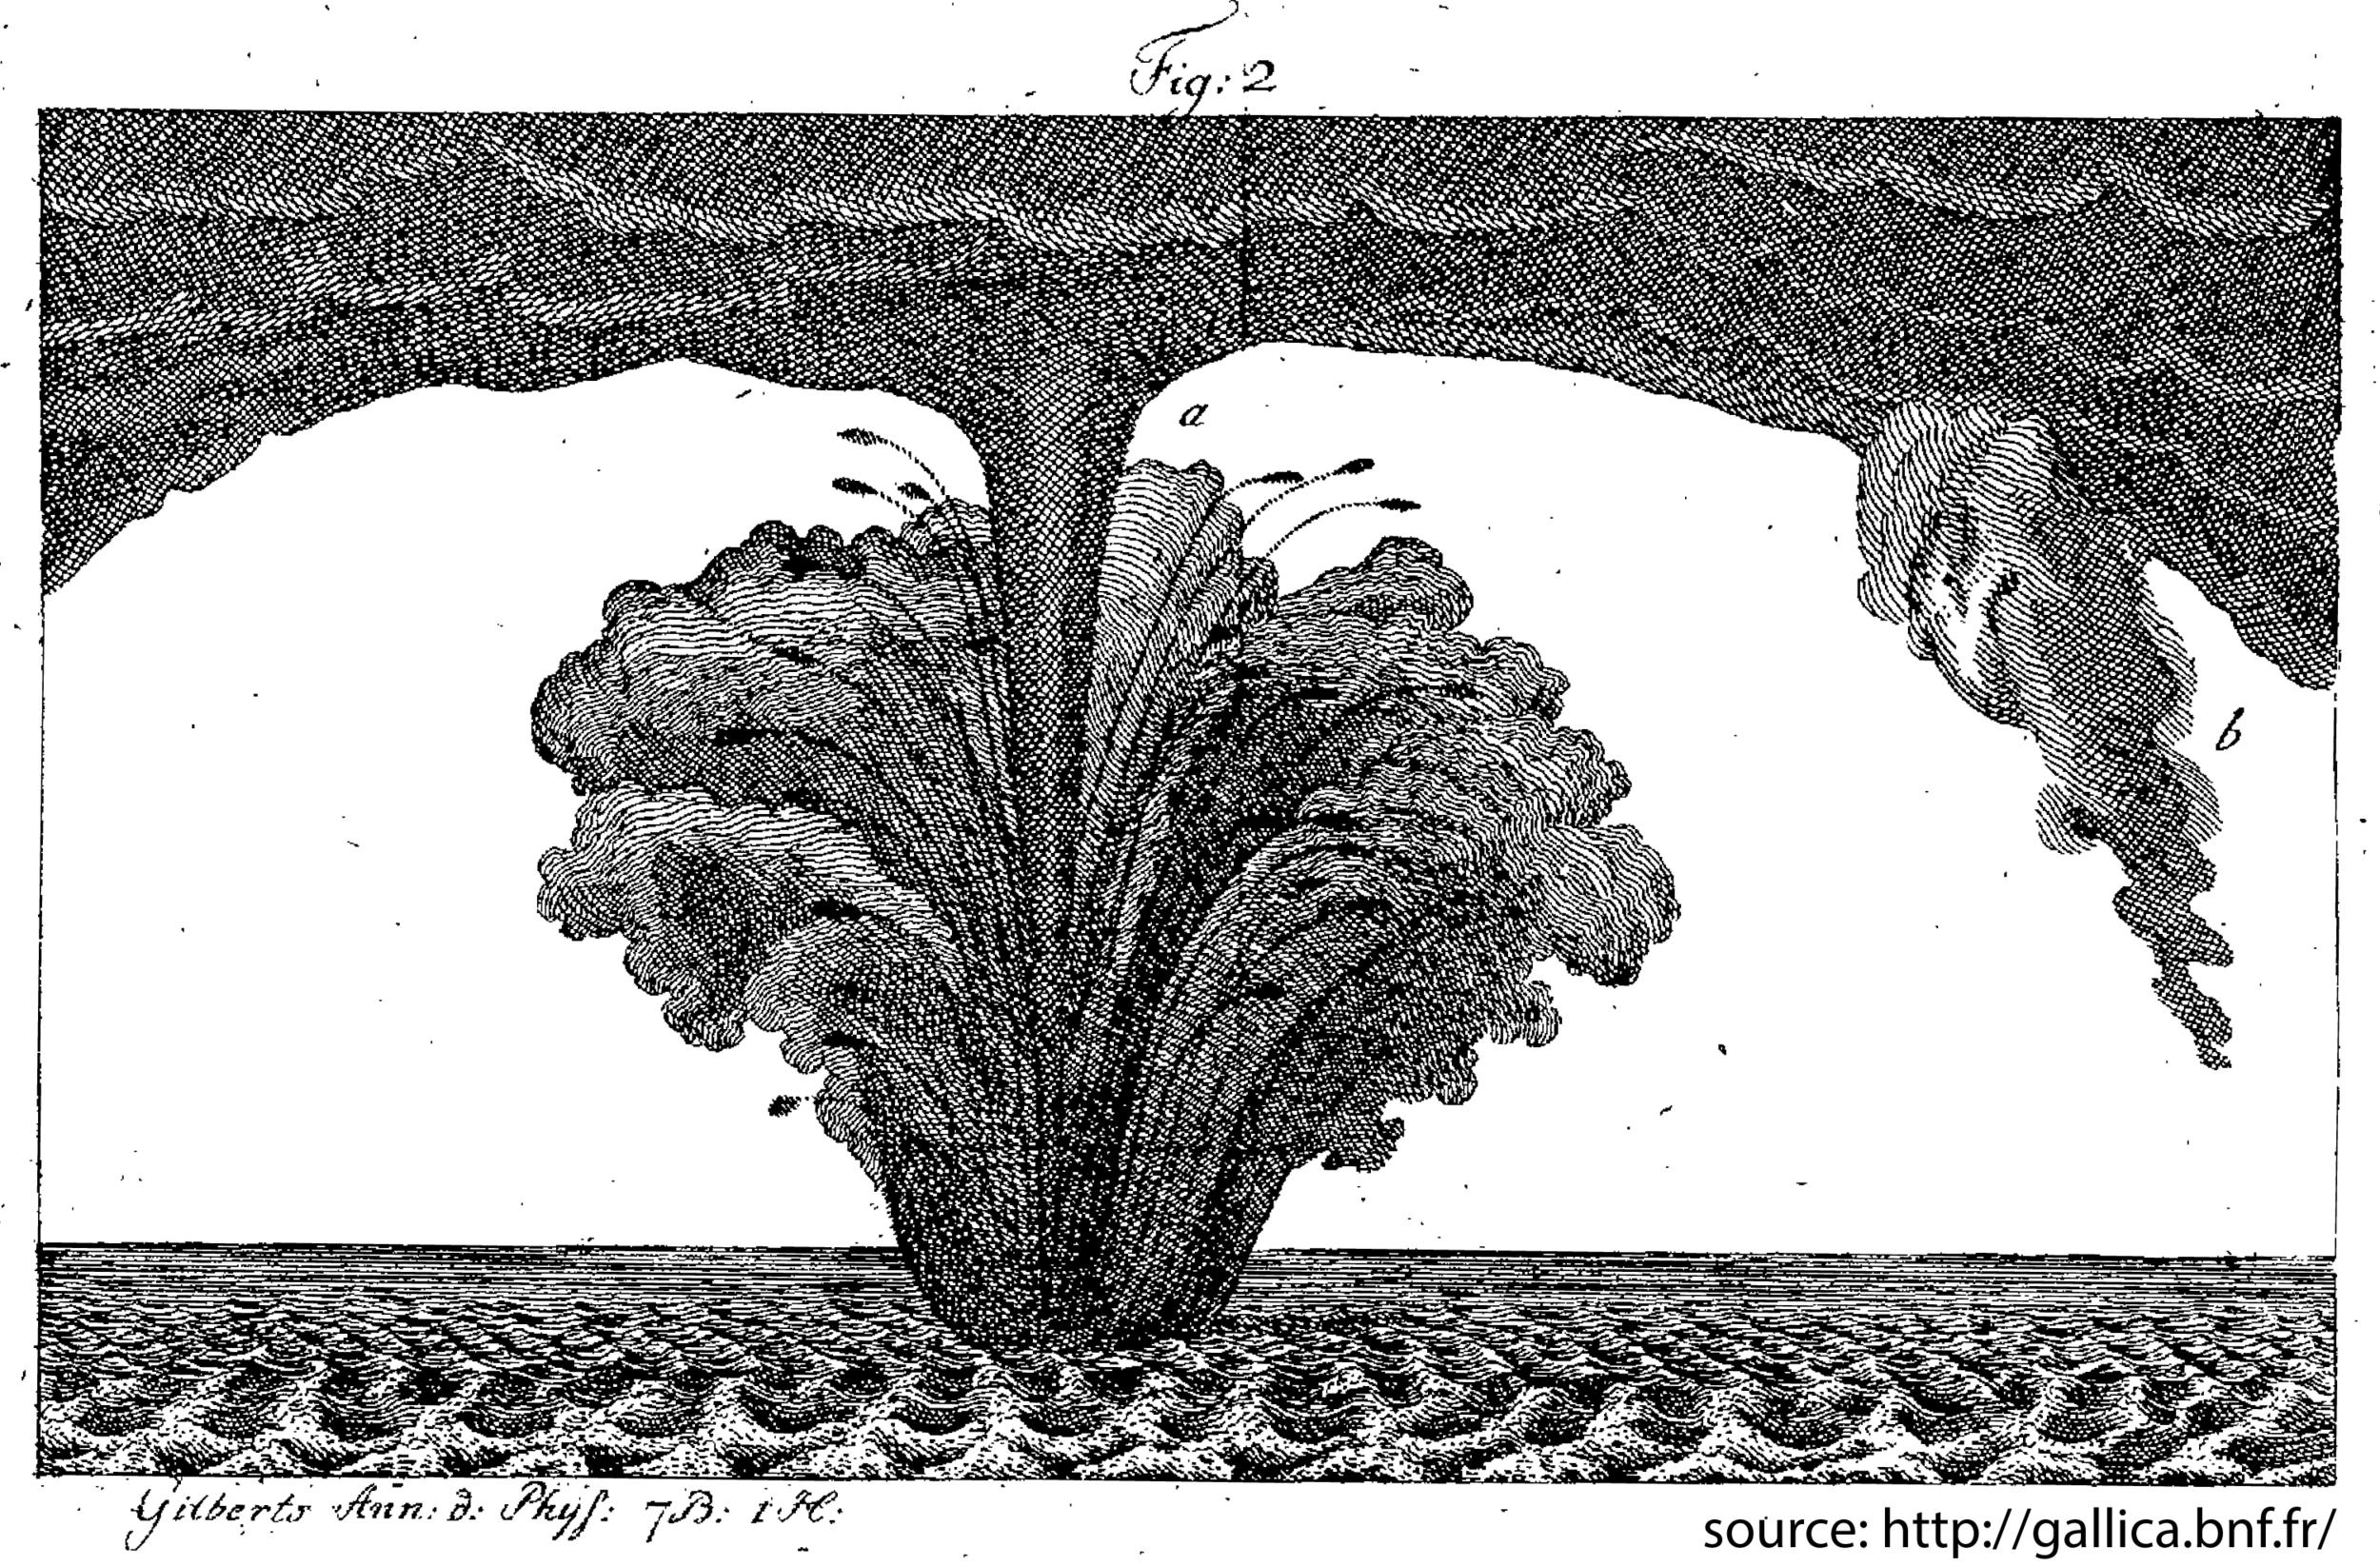 The firstwaterspout observed at Nice on 6 January 1789.   source: Michaud, 1801: Observations sur les trombes de mer vues de Nice en 1789, le 6 Janvier et le 19 Mars. Memoires de l' Acad. de Turin , Tome 6 , p. 3 – 22. (via gallica.bnf.fr ).